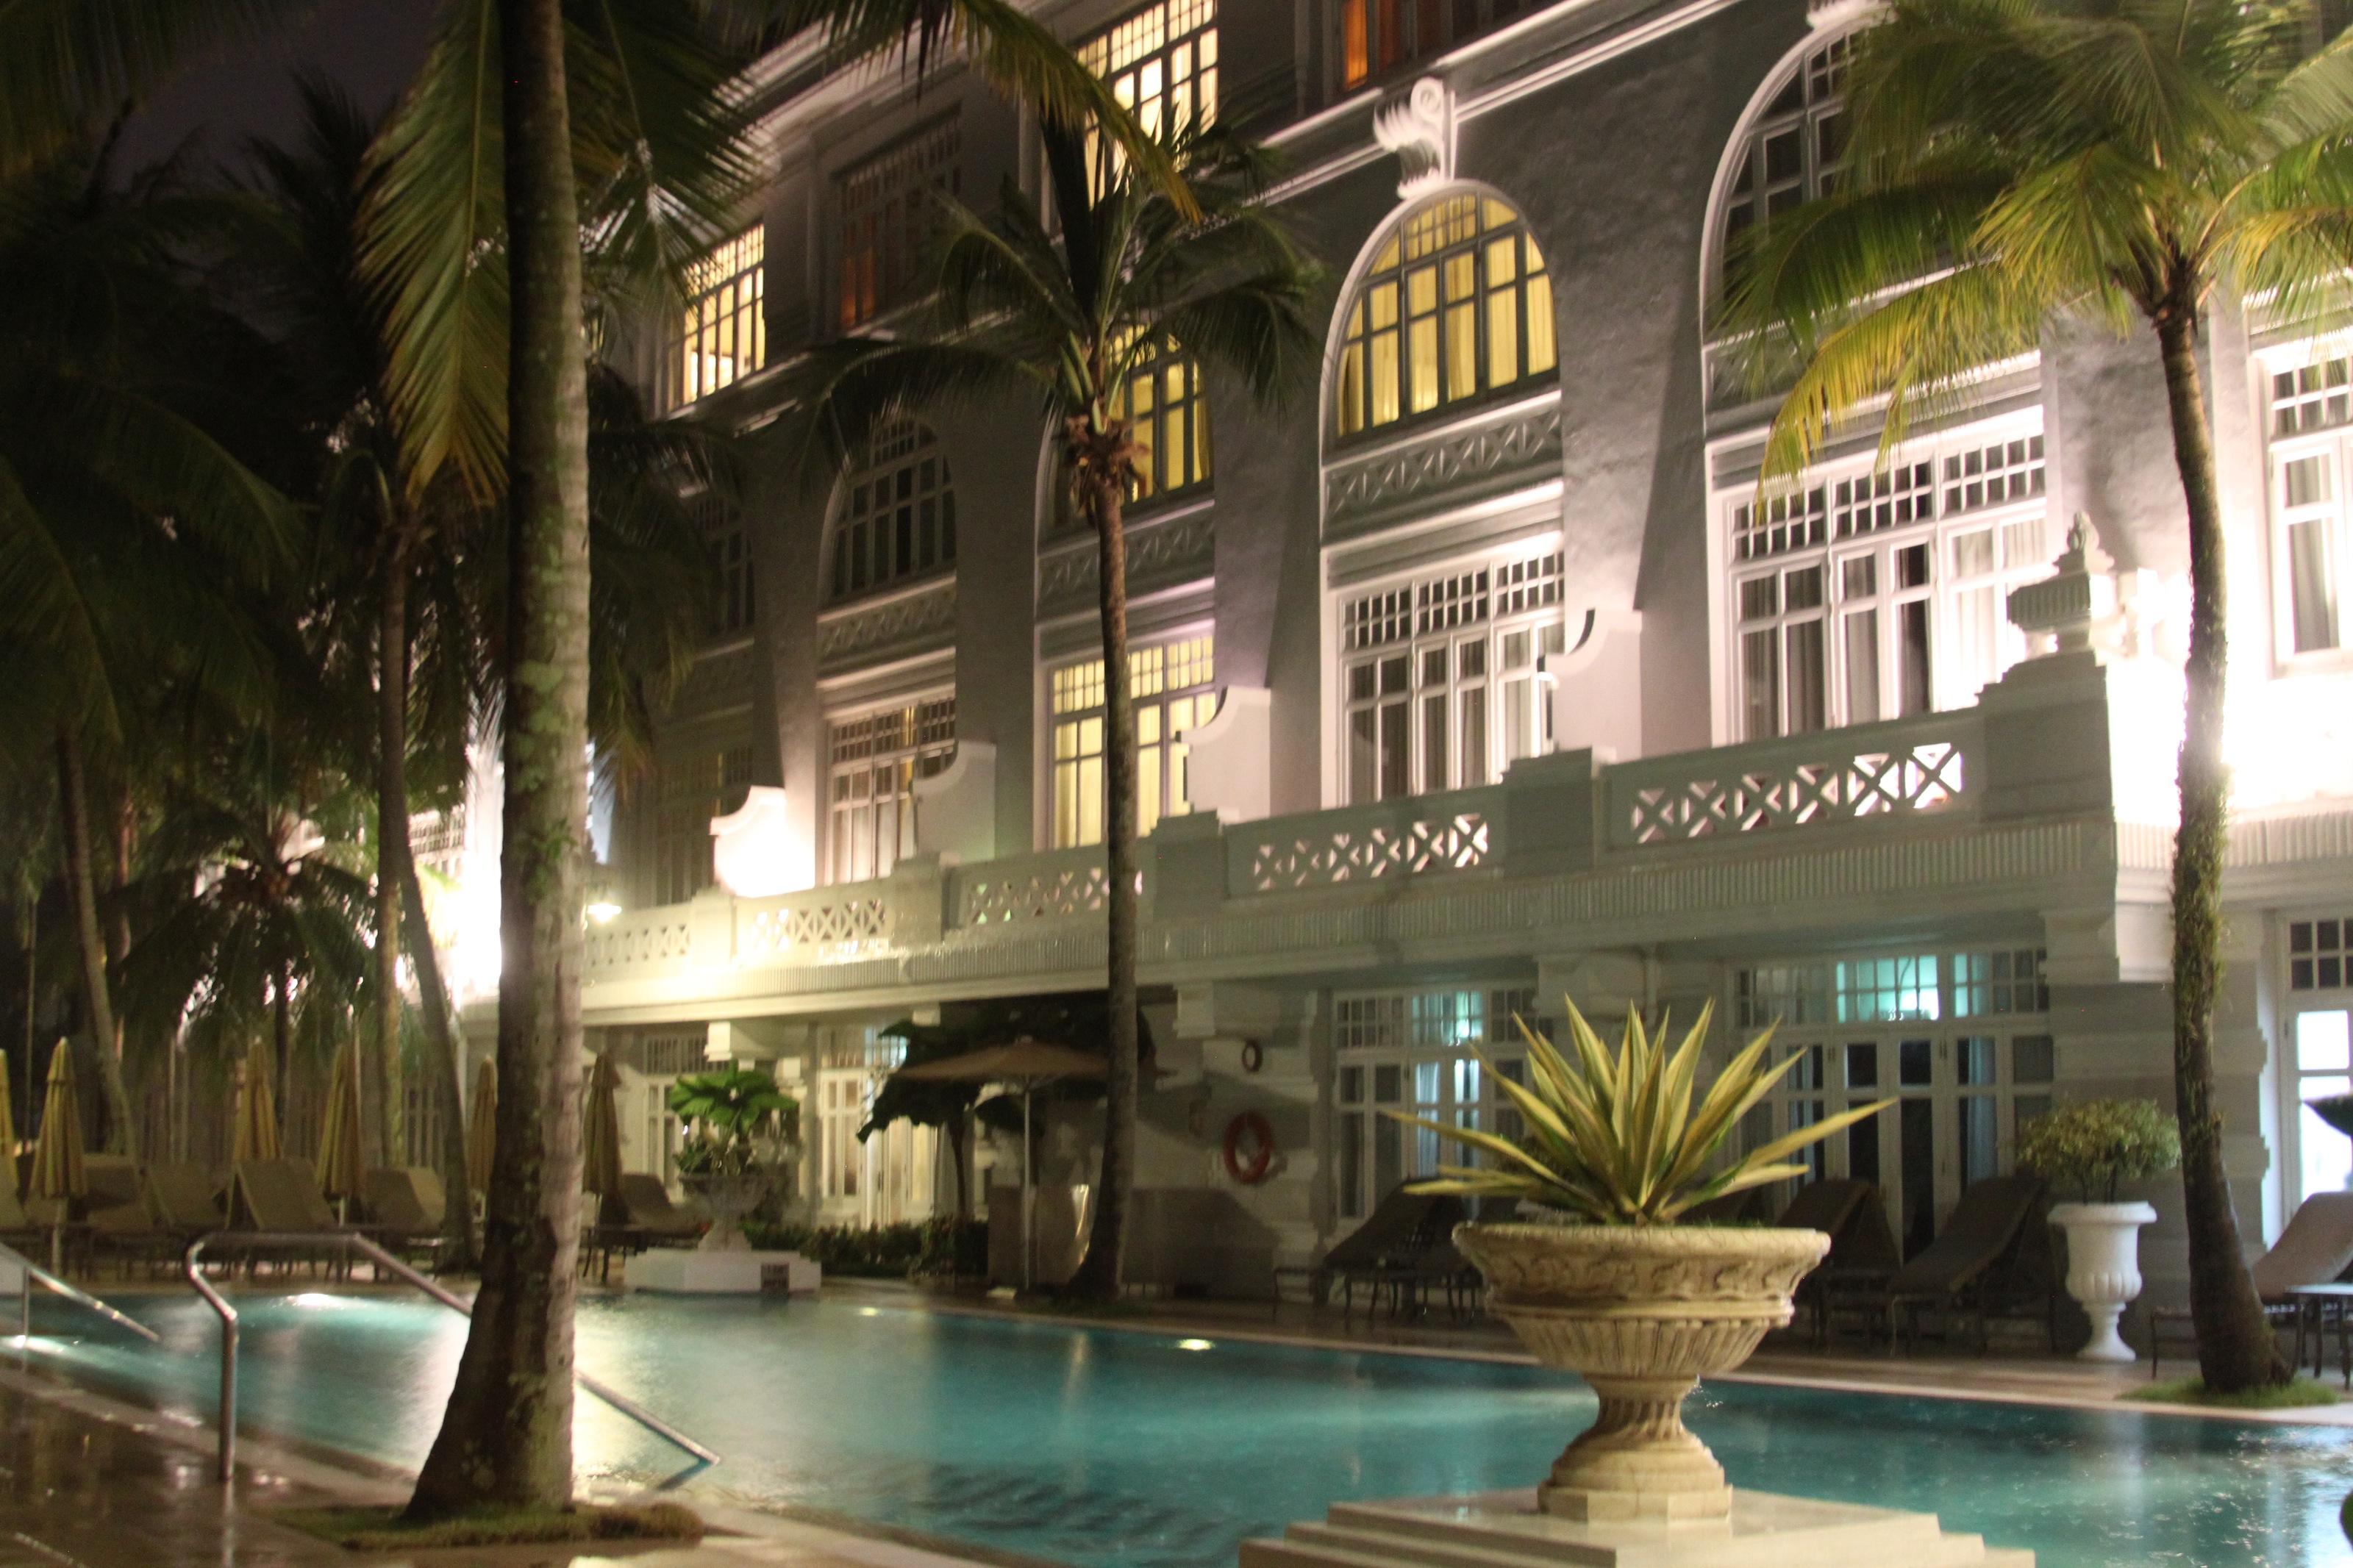 penang-eastern-oriental-pool-patio-malaysia[1]